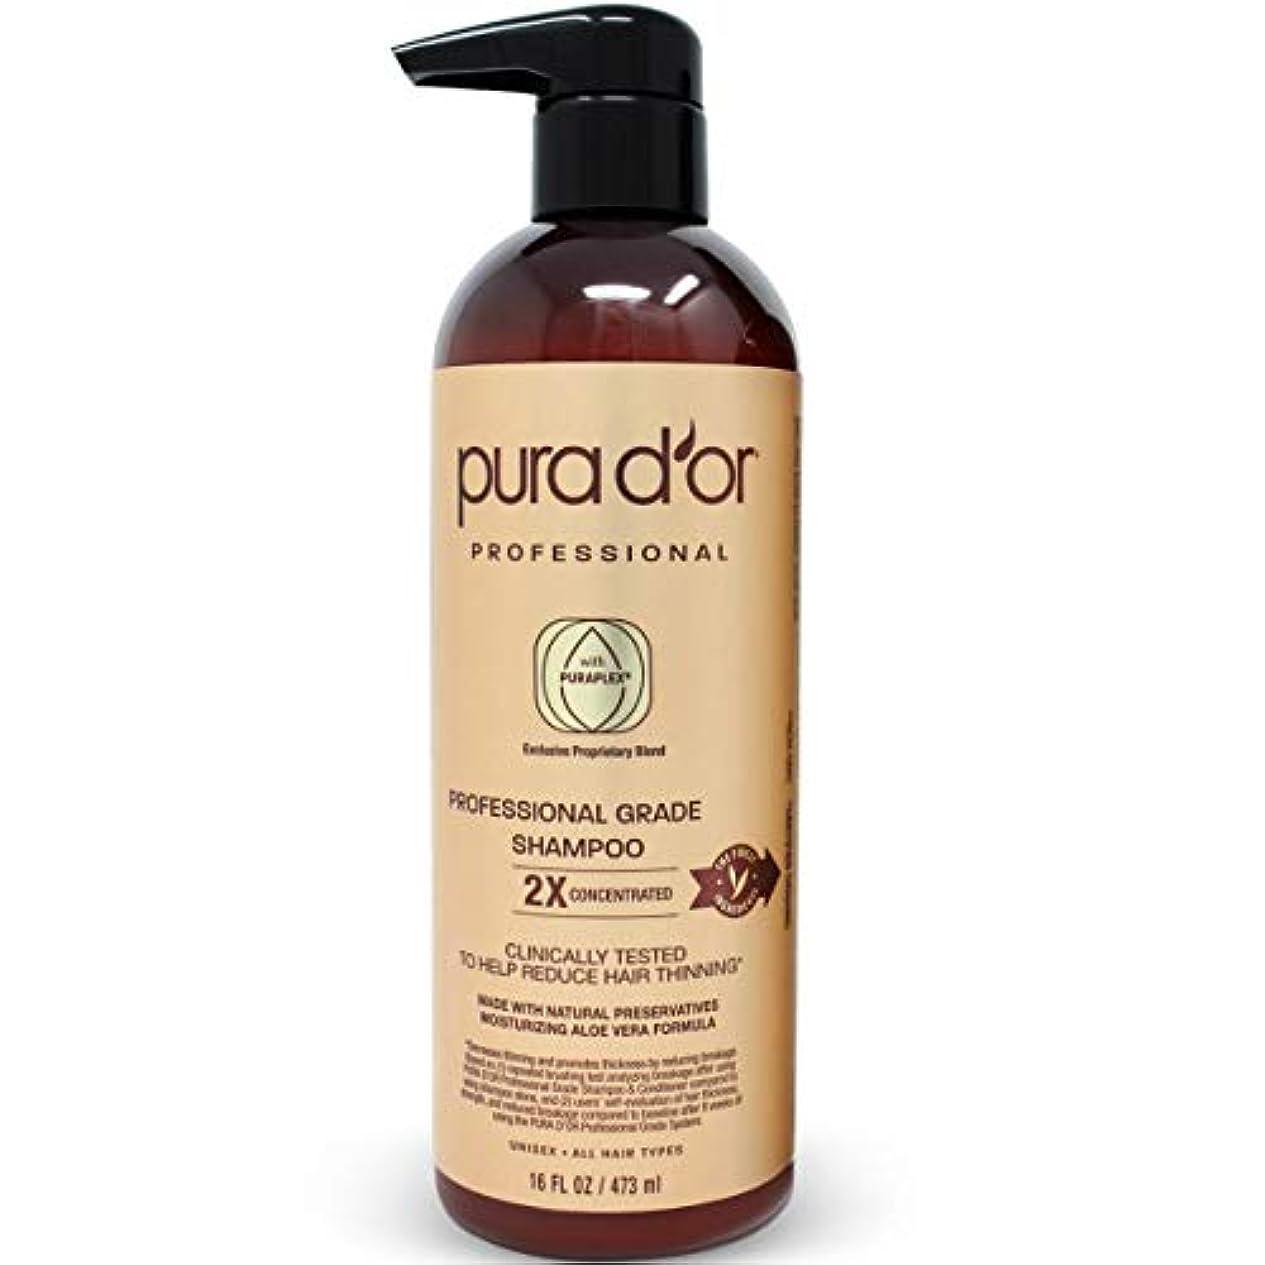 PURA D'OR プロフェッショナル品質 薄毛対策 2X 濃縮 有効成分 効果を高める 天然成分 臨床試験済み、硫酸塩フリー、男性 & 女性、473 ml(16 液量オンス) シャンプー